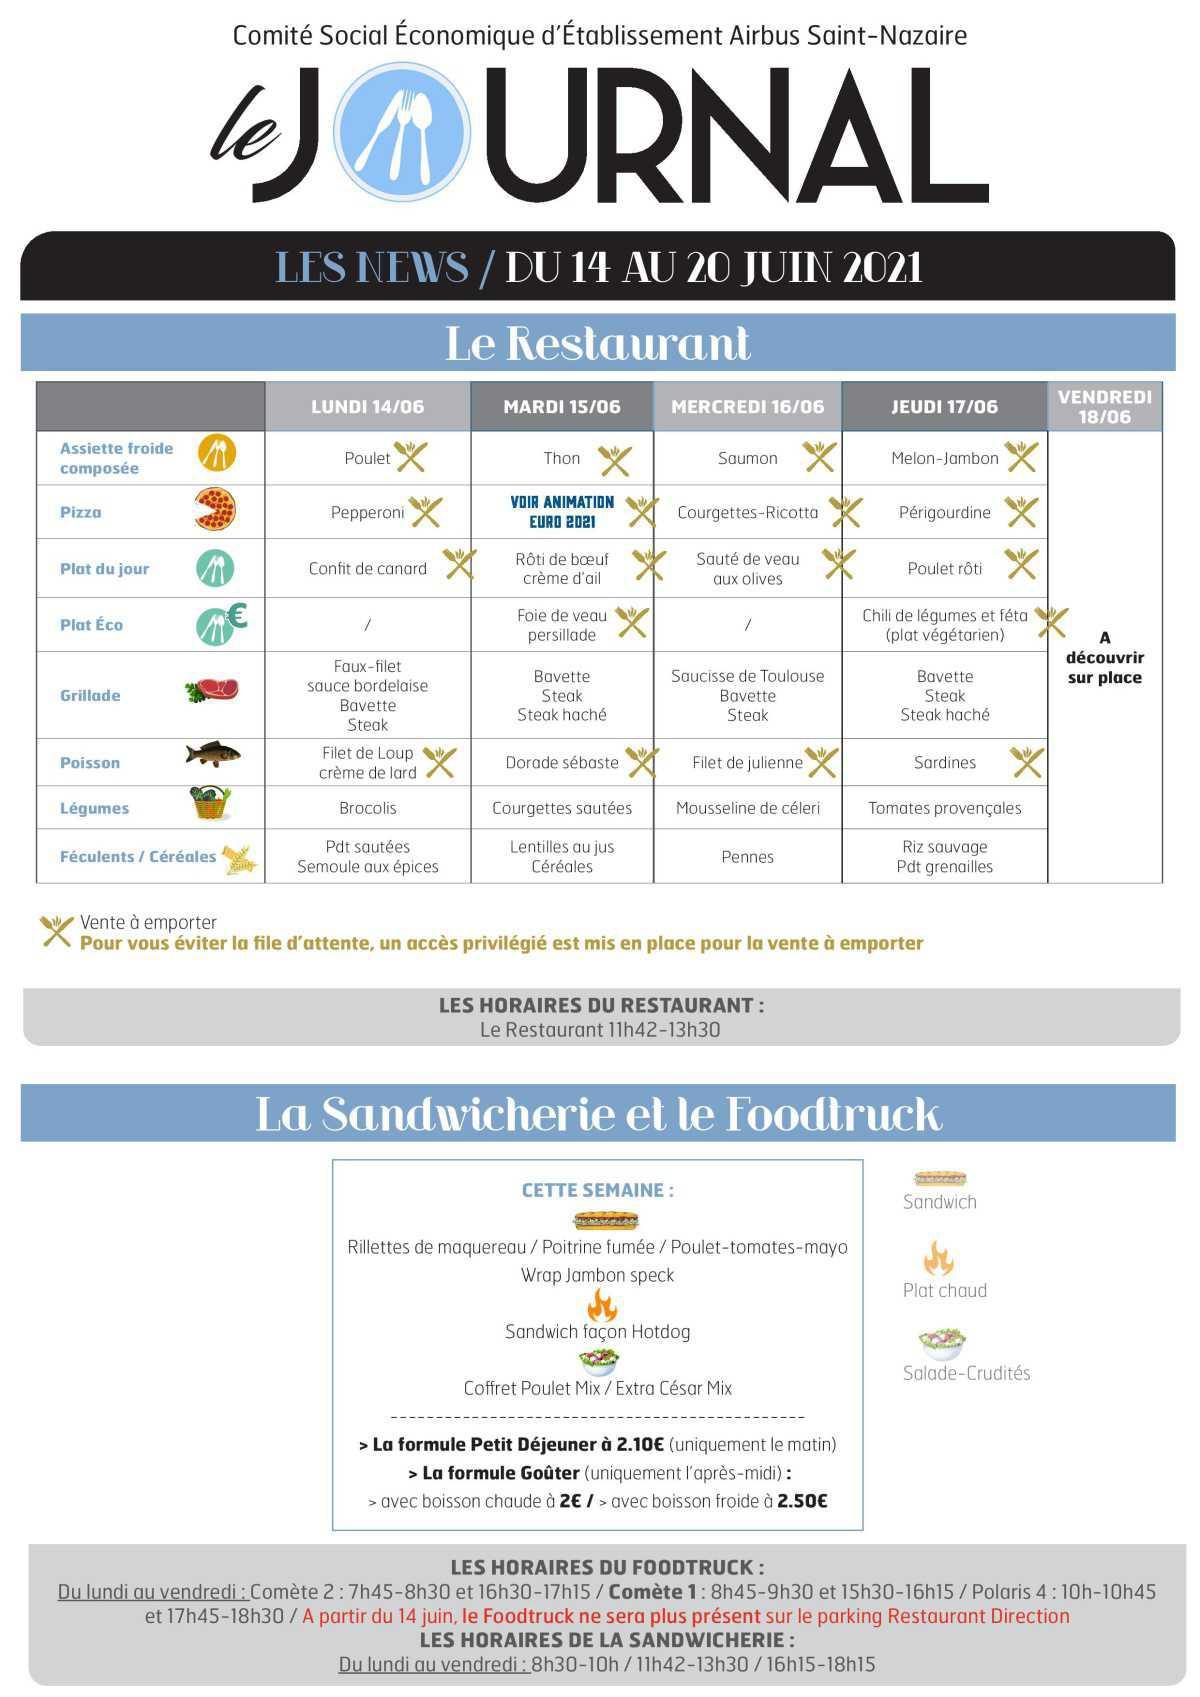 Informations du CSE et de la coopérative semaine 24